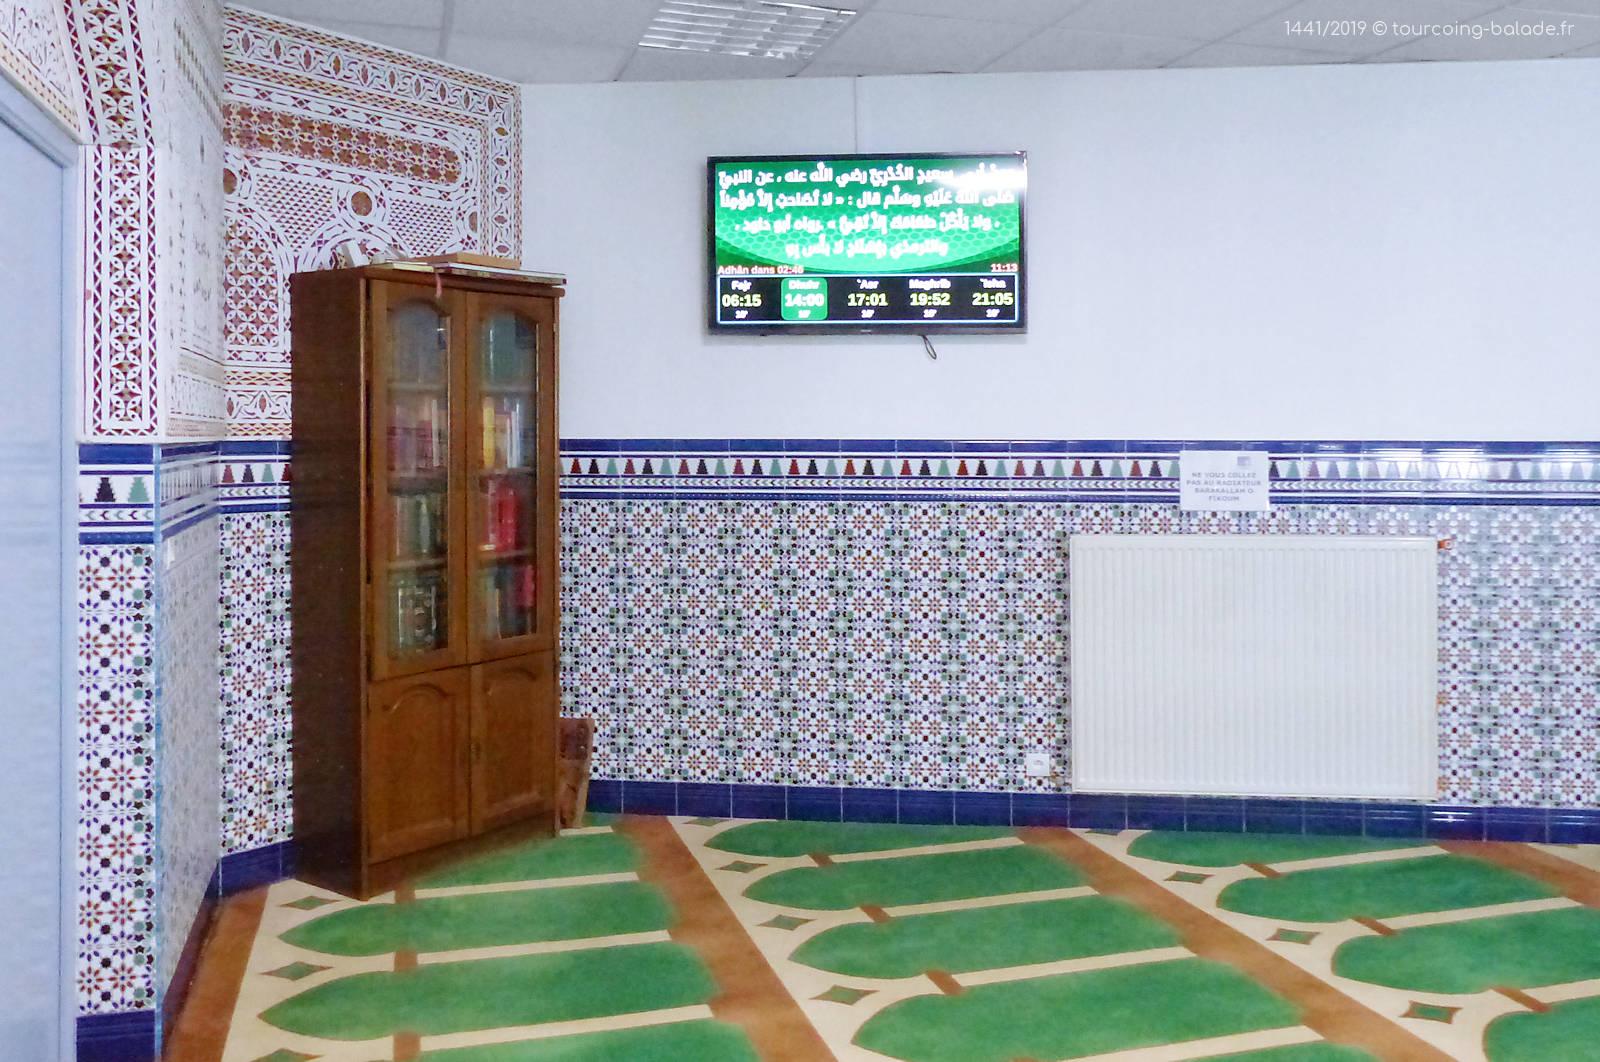 Mosquée as-Salam Tourcoing, France - L'écran de la salle de prières